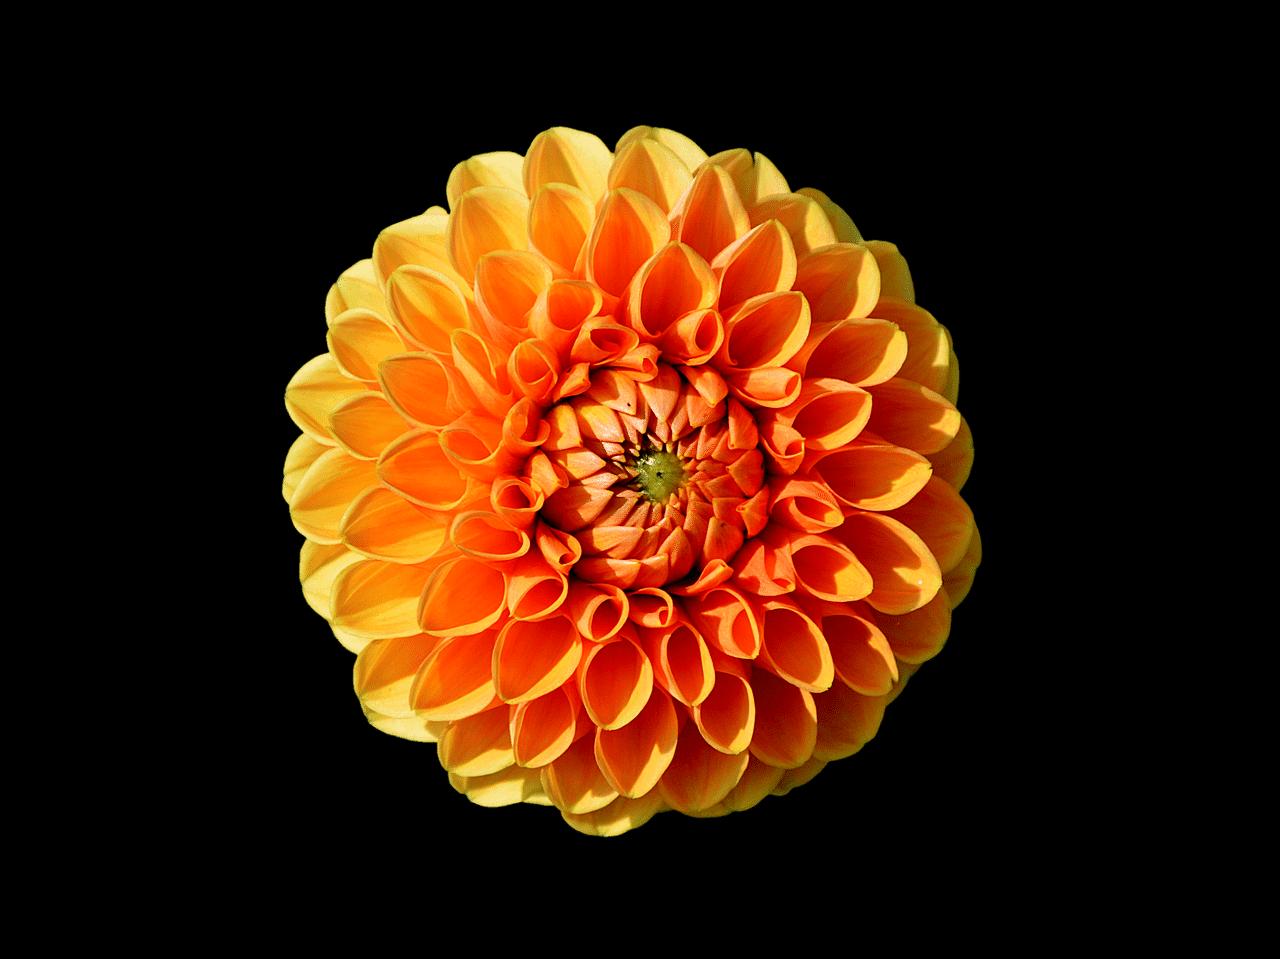 22 types of orange